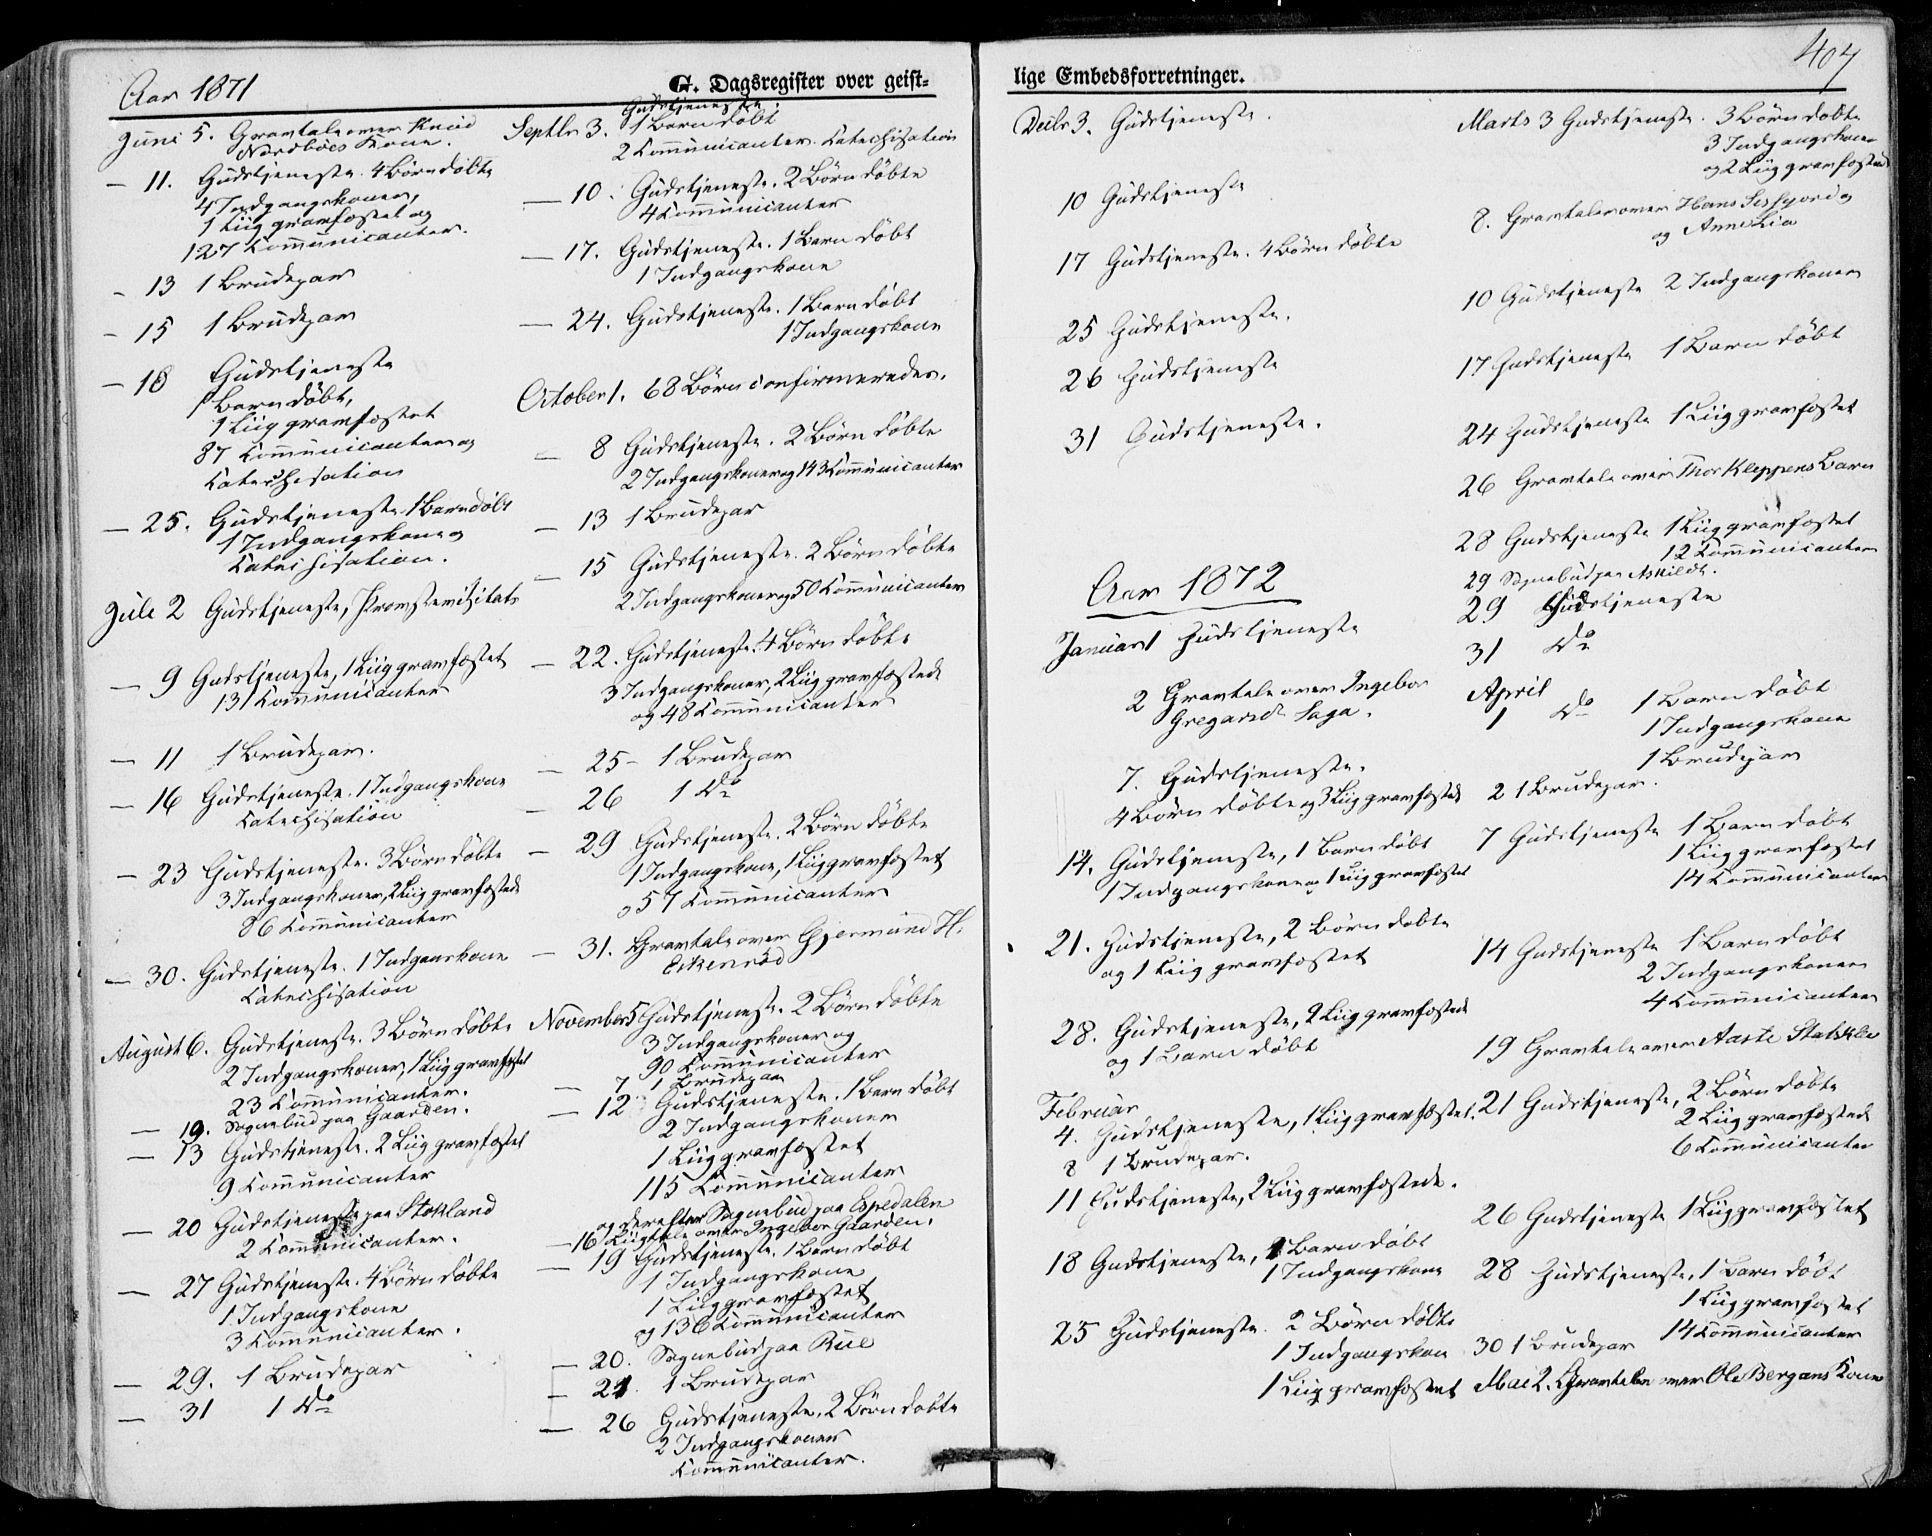 SAKO, Bø kirkebøker, F/Fa/L0009: Ministerialbok nr. 9, 1862-1879, s. 407